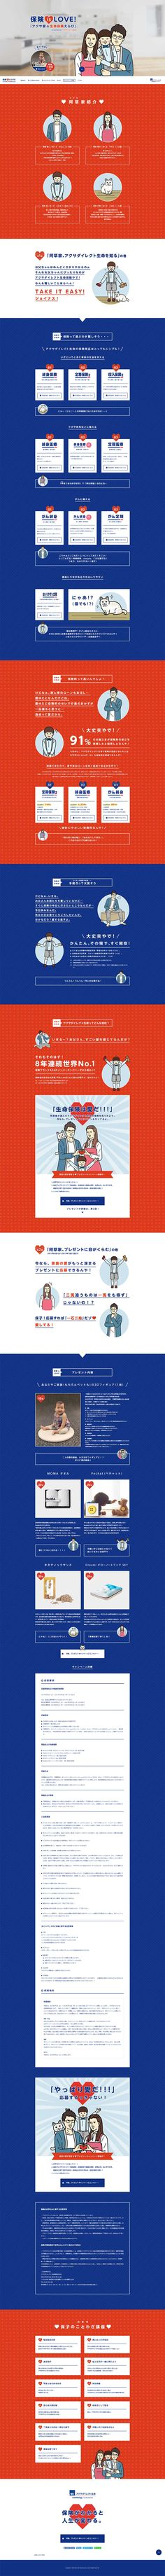 アクサ家の生命保険えらび|WEBデザイナーさん必見!ランディングページのデザイン参考に(マンガ使用系)